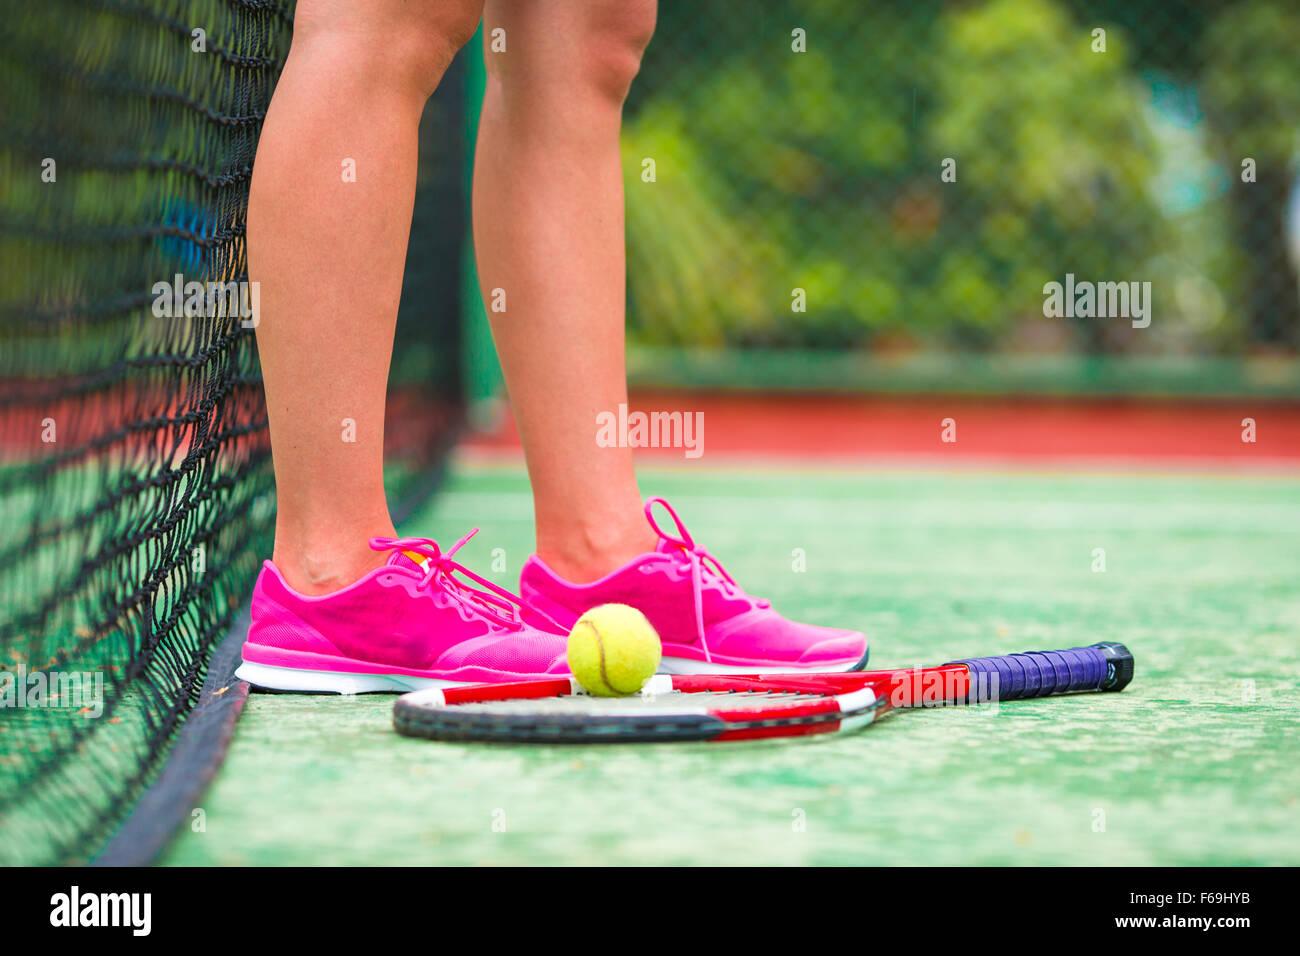 Libre de chaussures avec la raquette de tennis et la balle à l'extérieur sur cour Photo Stock